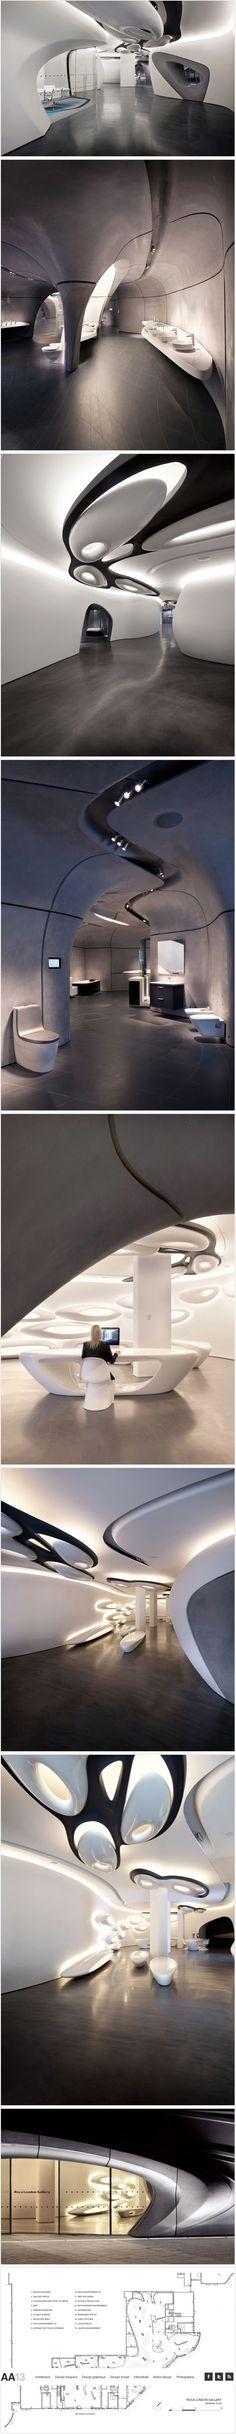 La marque de salles de bain Roca a fait intervenir le célèbre cabinet « Zaha Hadid Architects » pour réaliser le design de leur showroom à Londres.